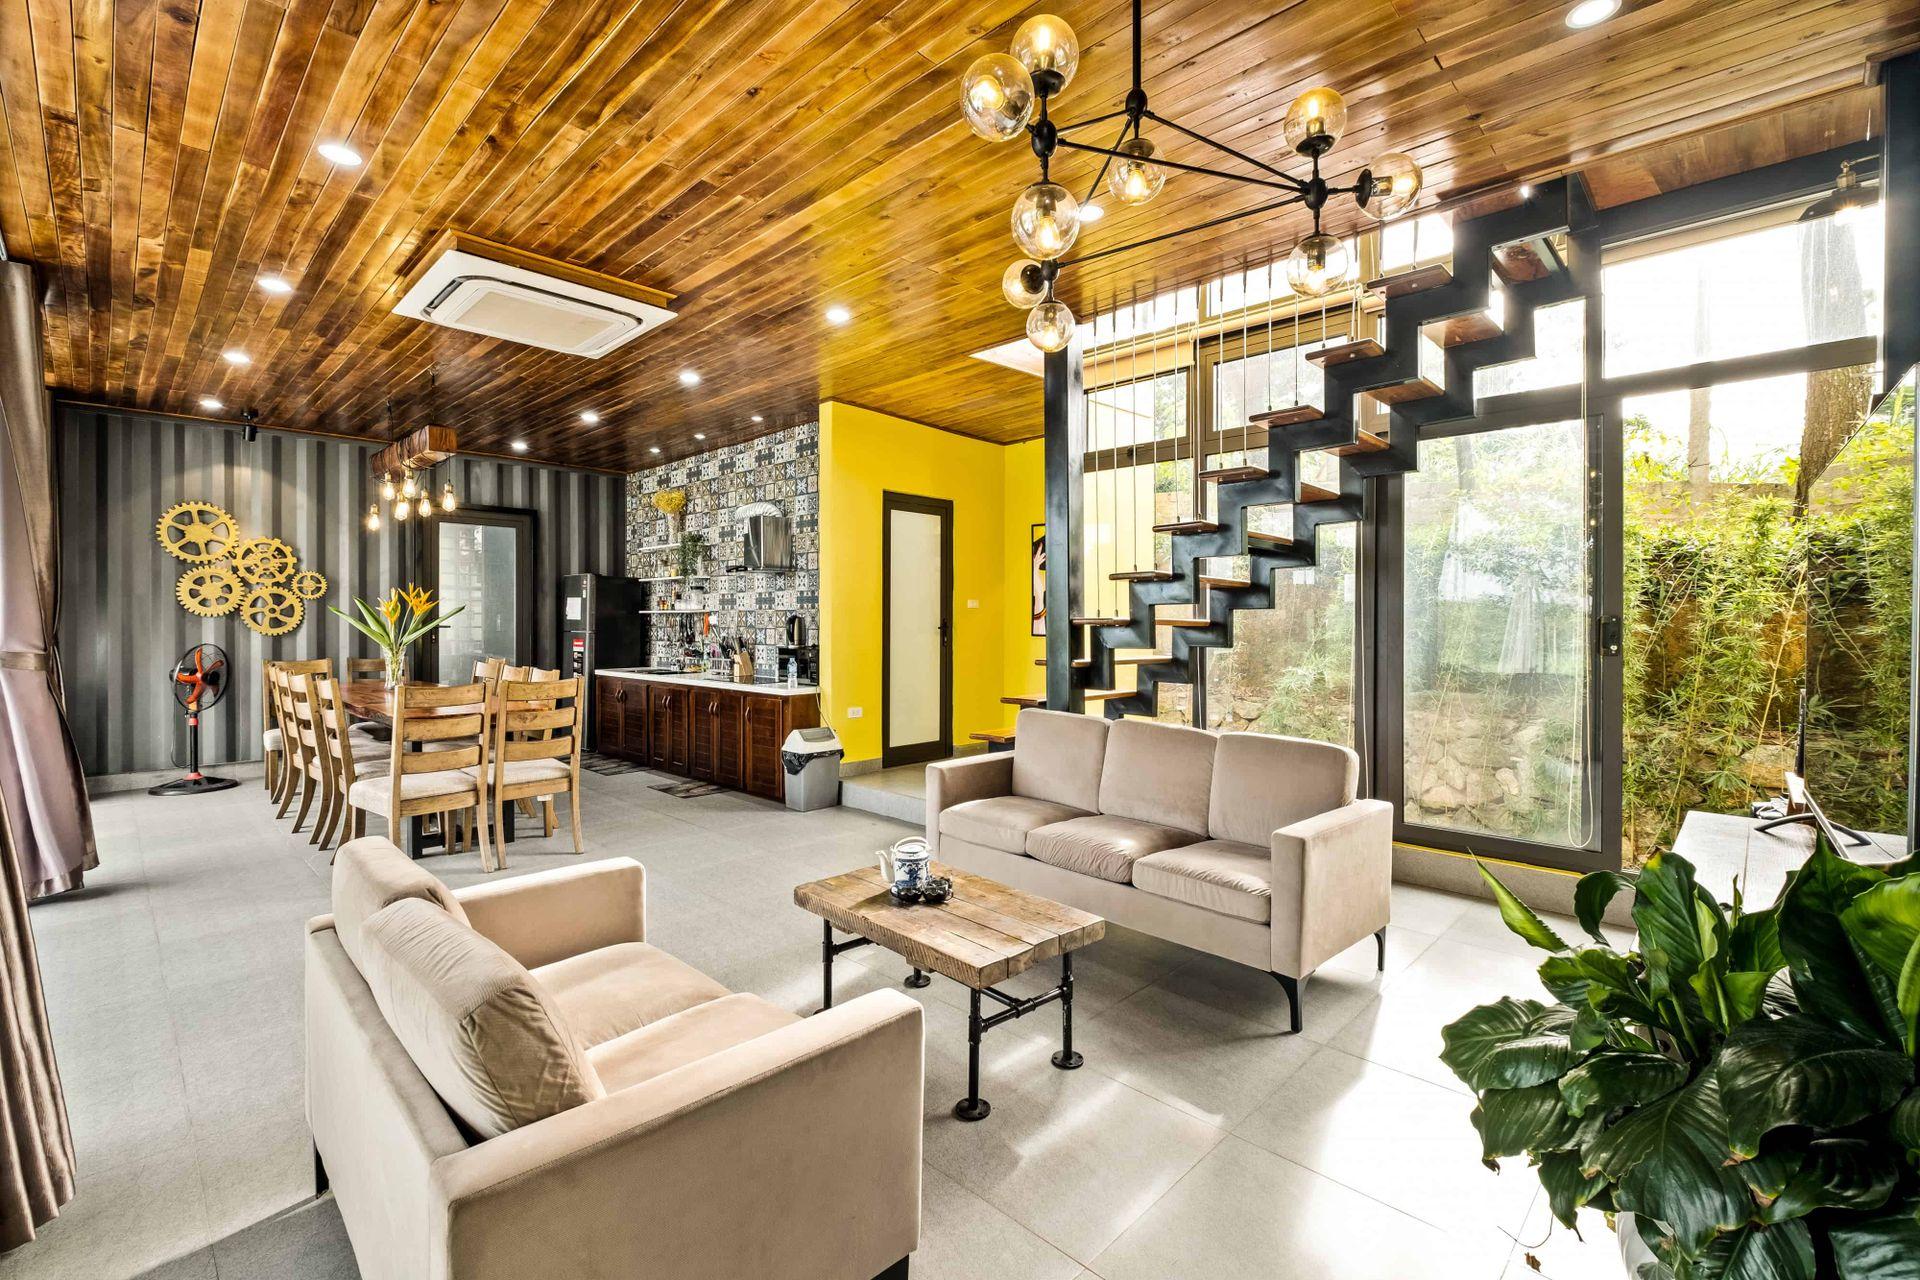 phong-khach-hestia-luxury-villa-homestay-ba-vi-ha-noi-02